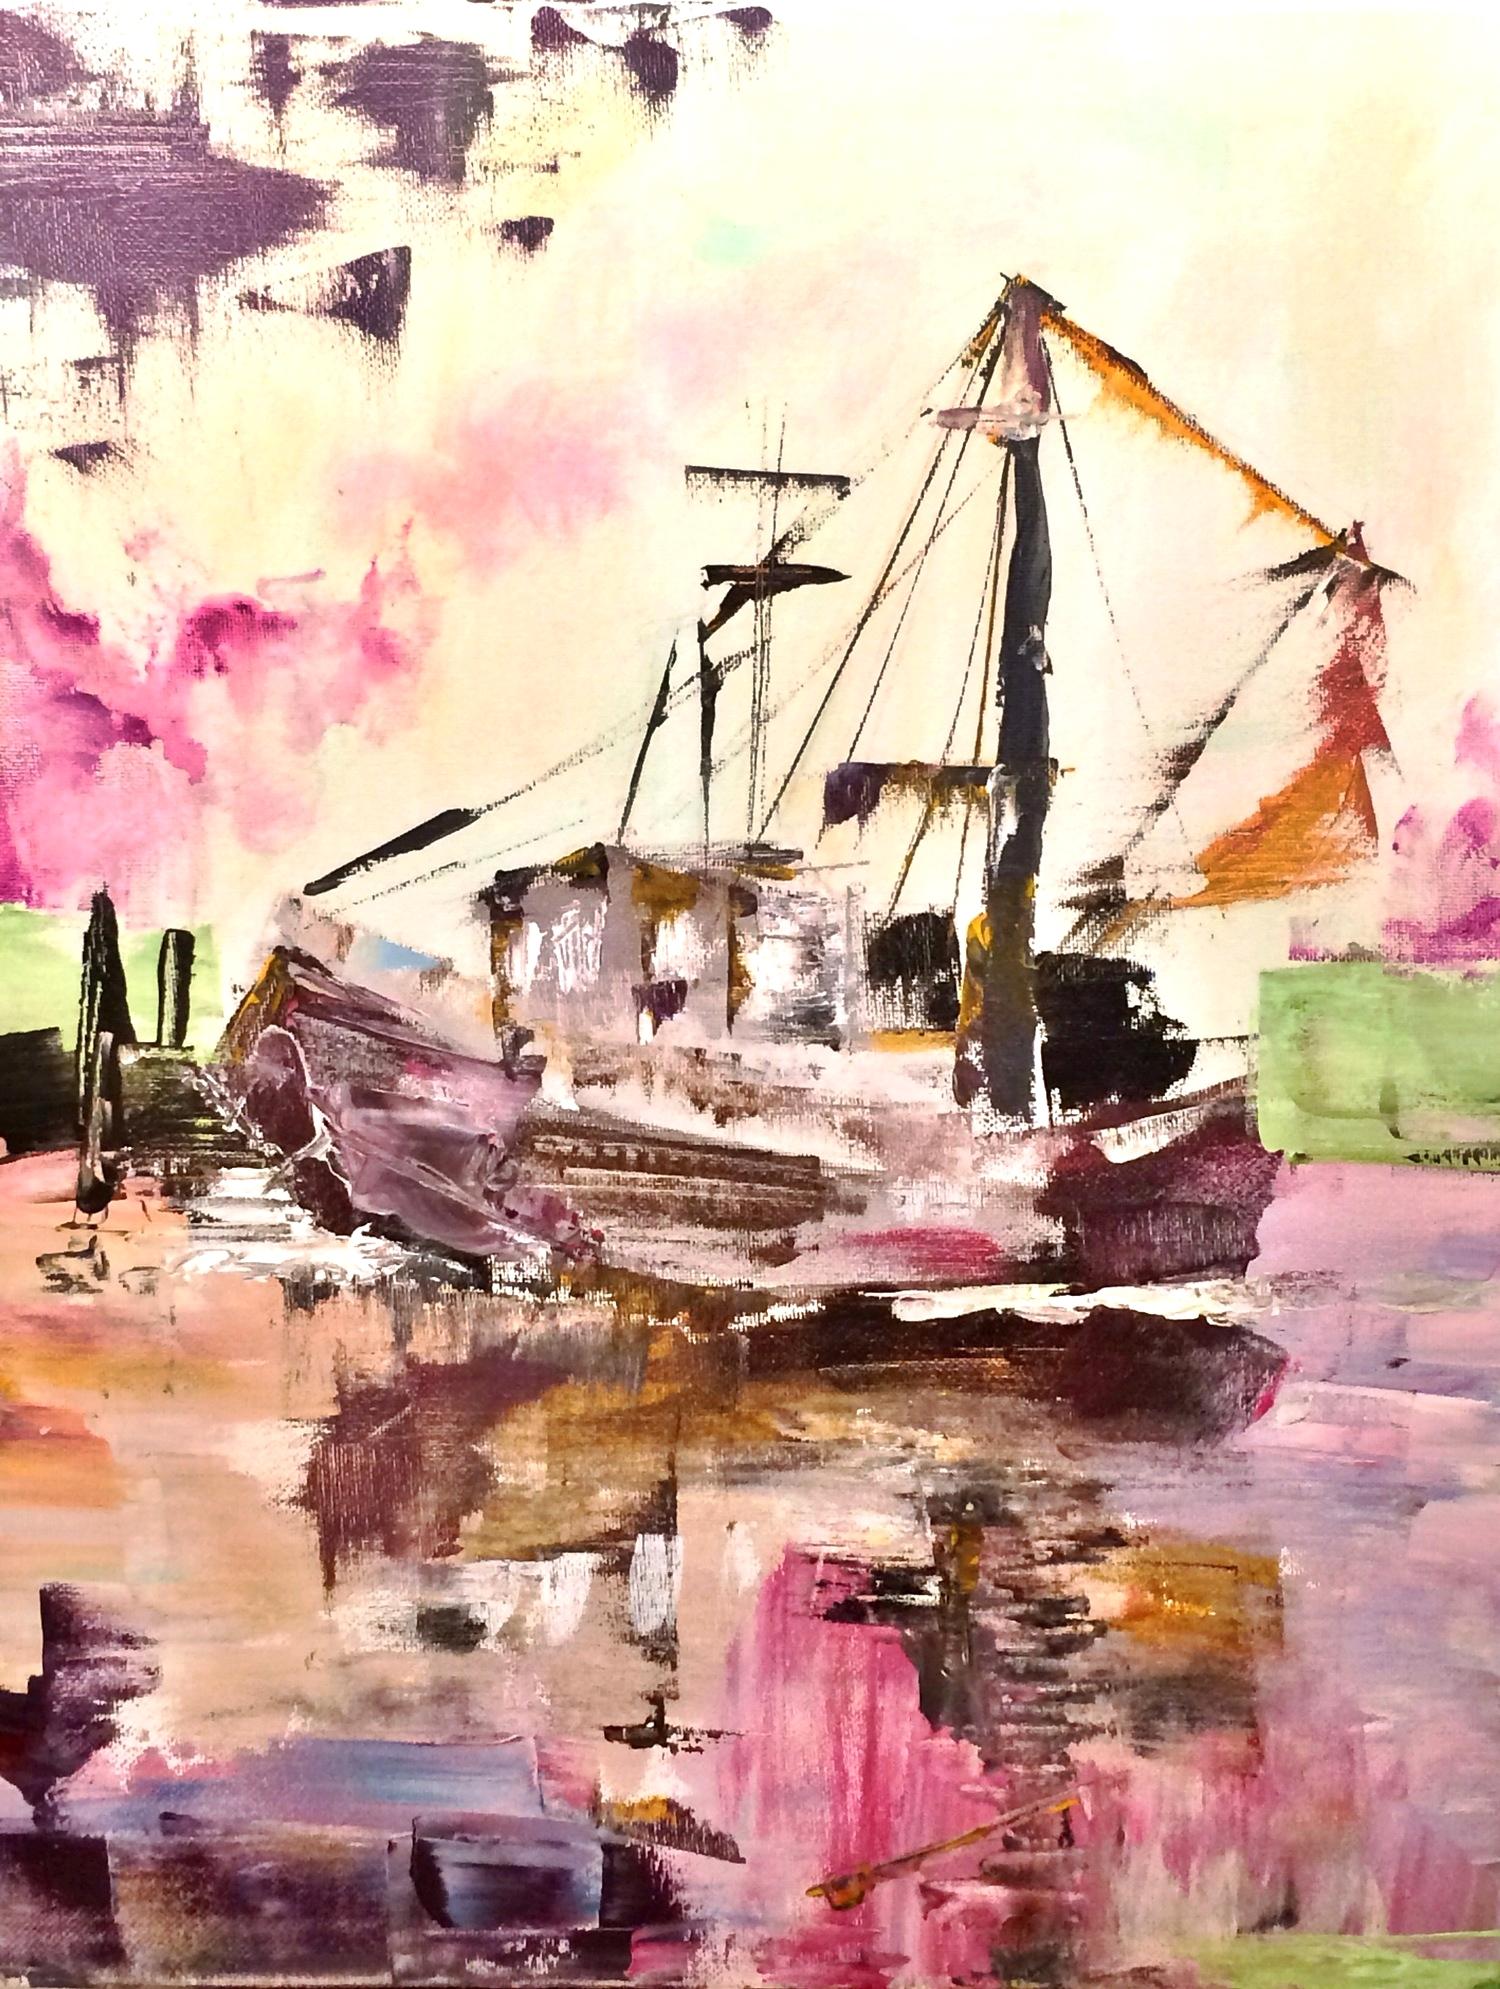 Smoky Ship